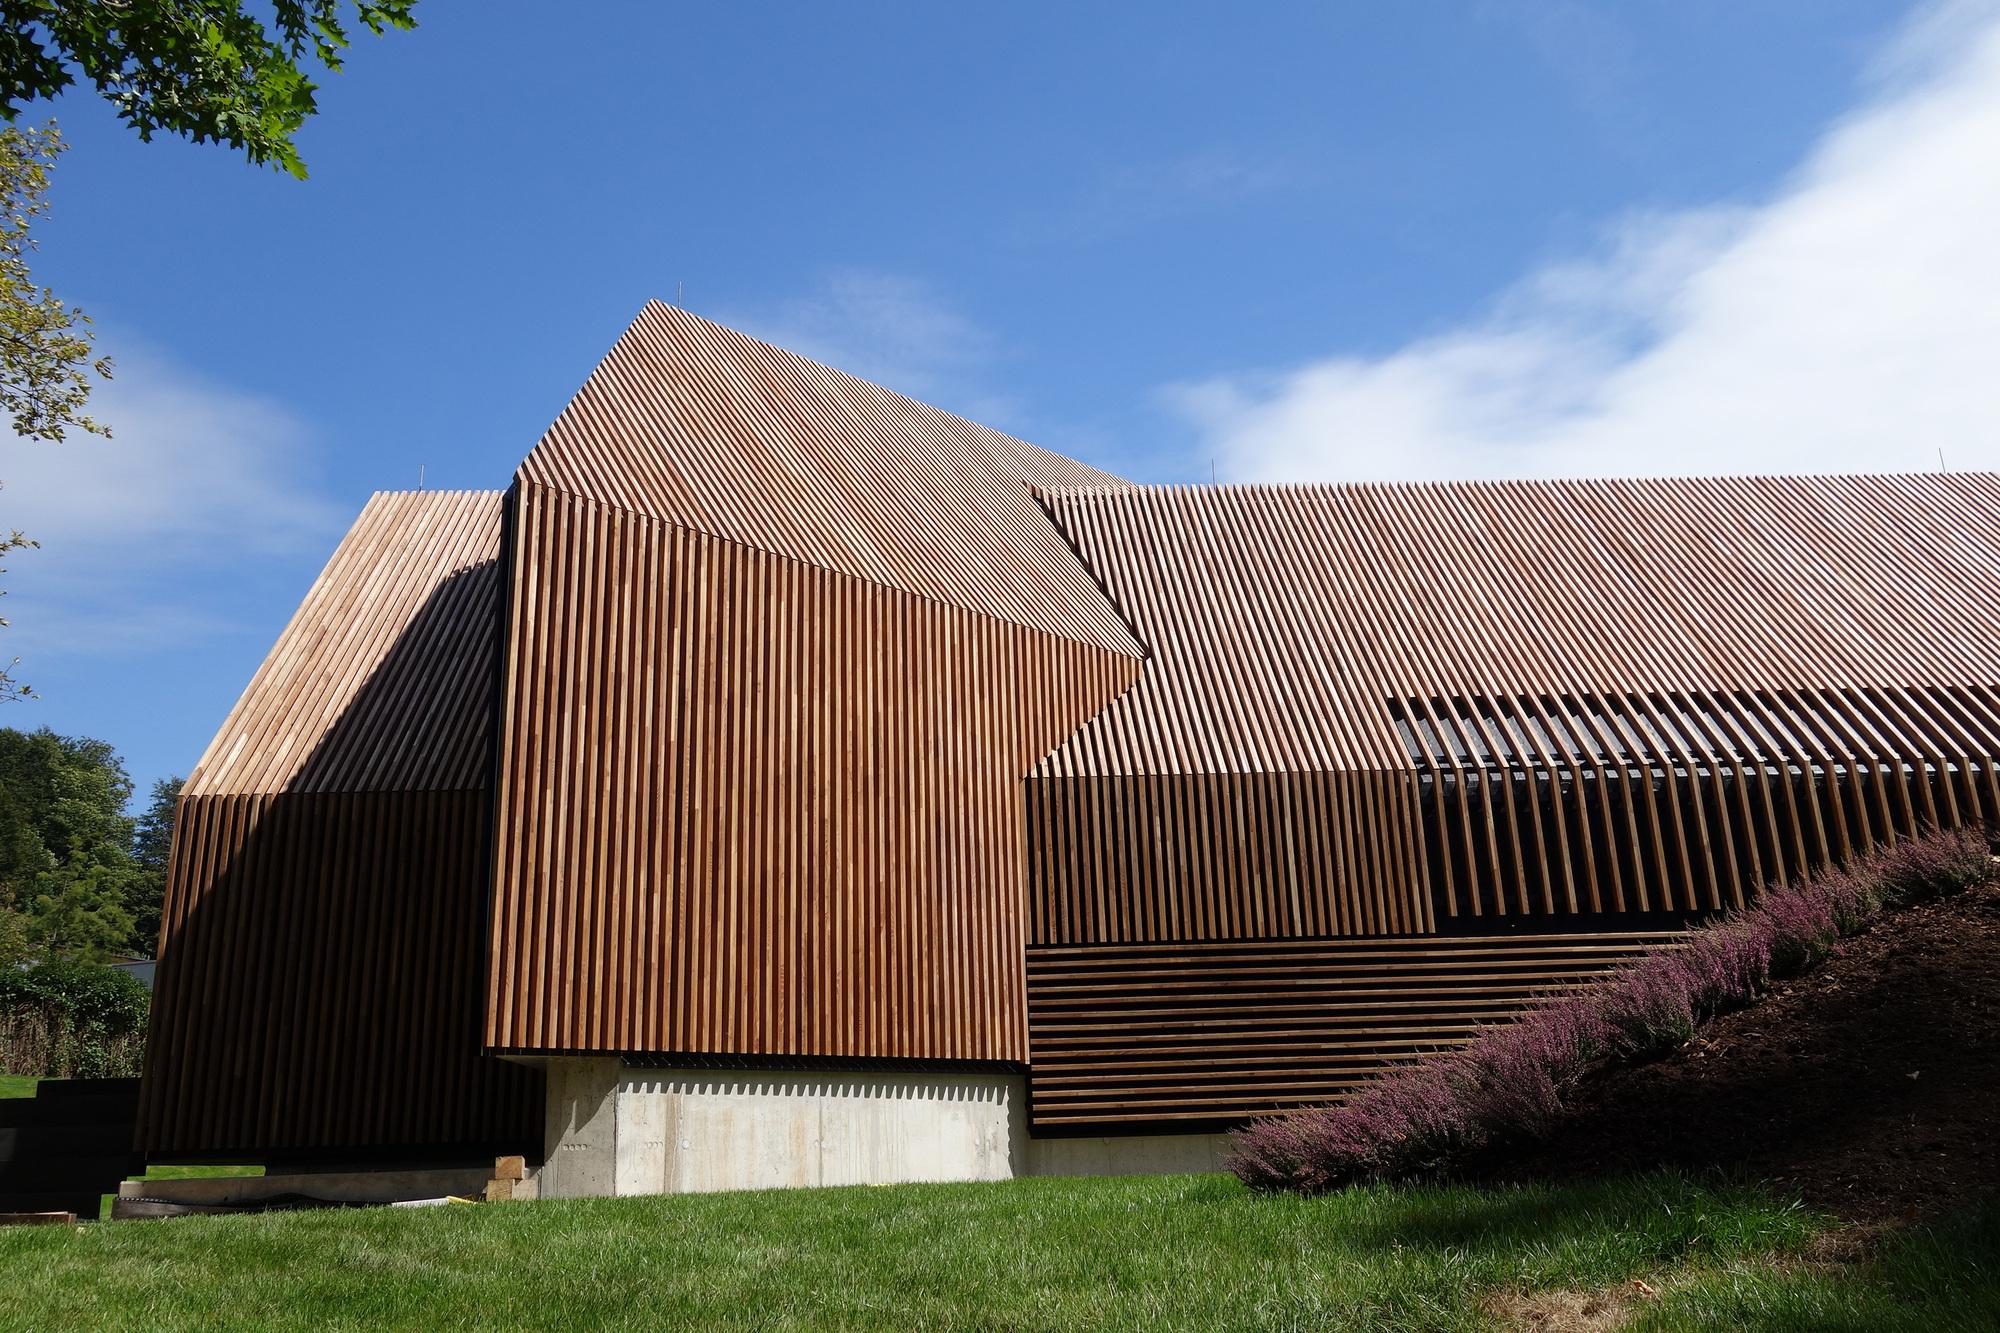 Gallery of jordanbad sauna village jeschke architektur planung 3 - Sauna architektur ...